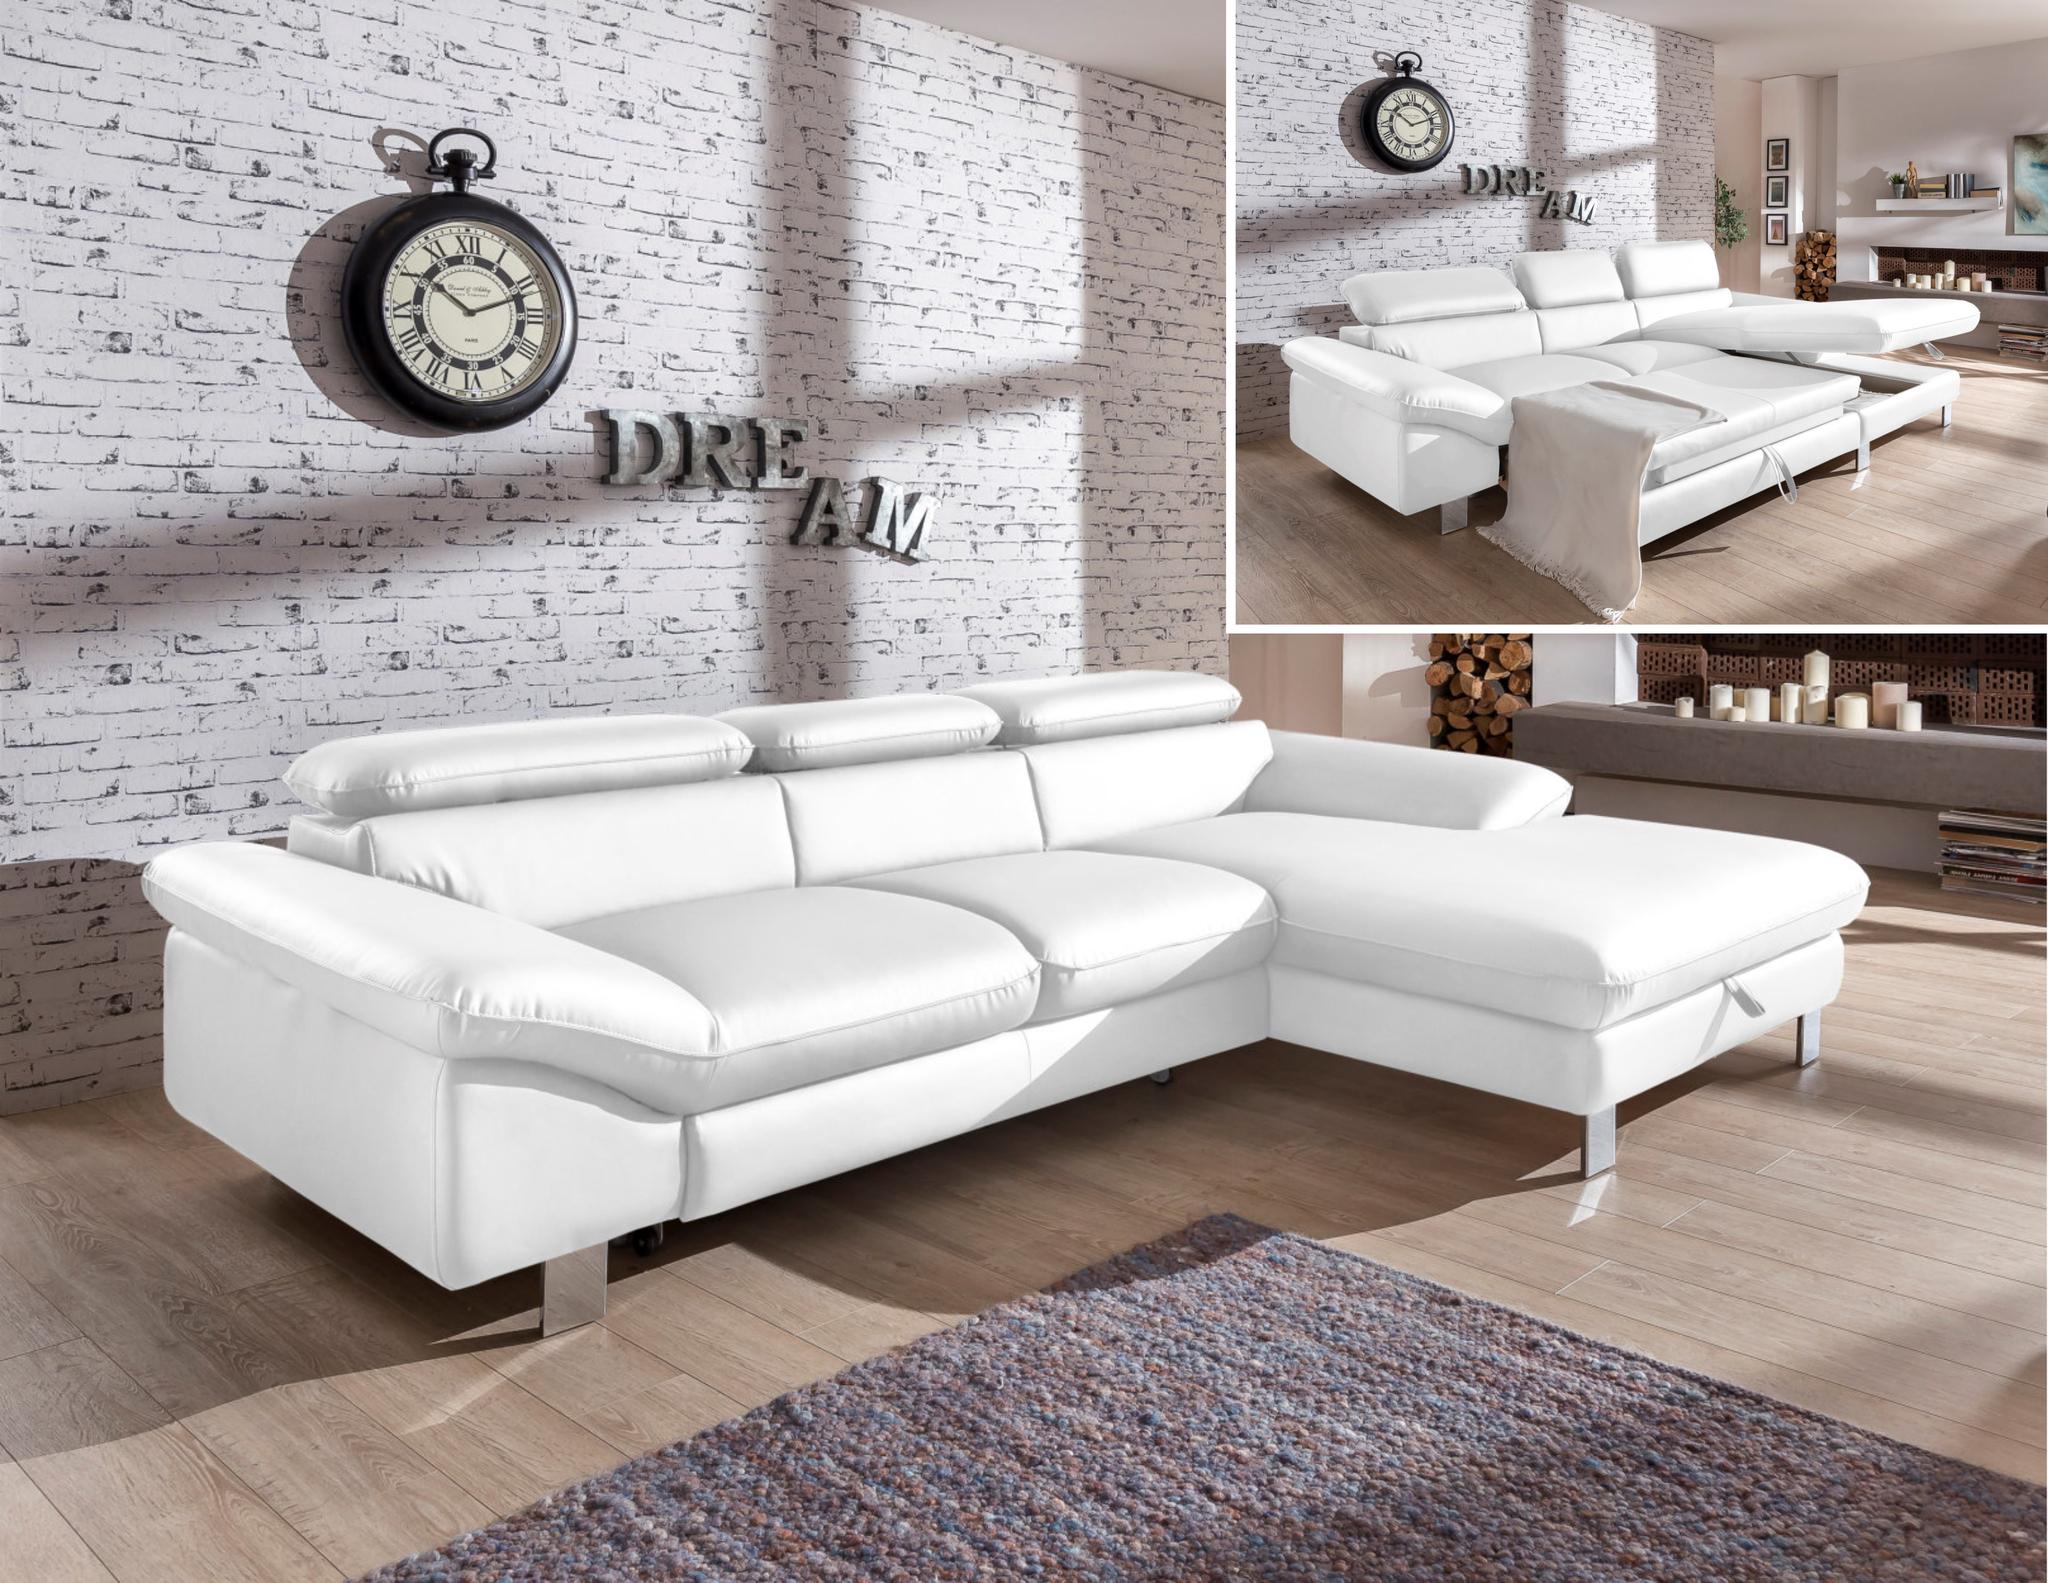 myCouch Sofa Driver online günstig kaufen - online bei discomoebel.shop